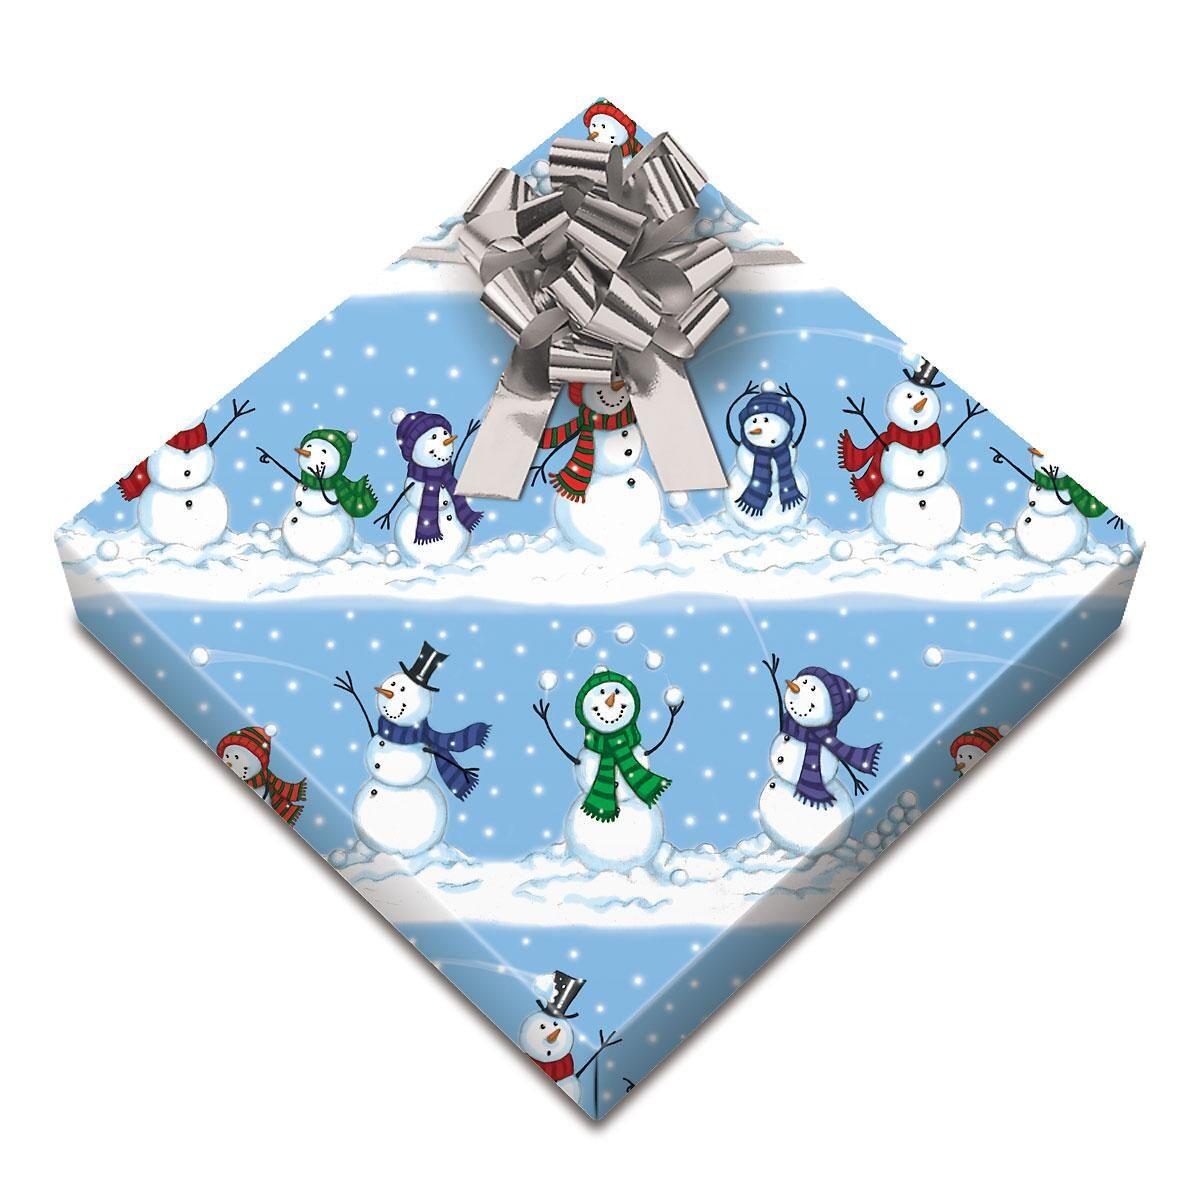 Snowman Snowball Toss Jumbo Rolled Gift Wrap